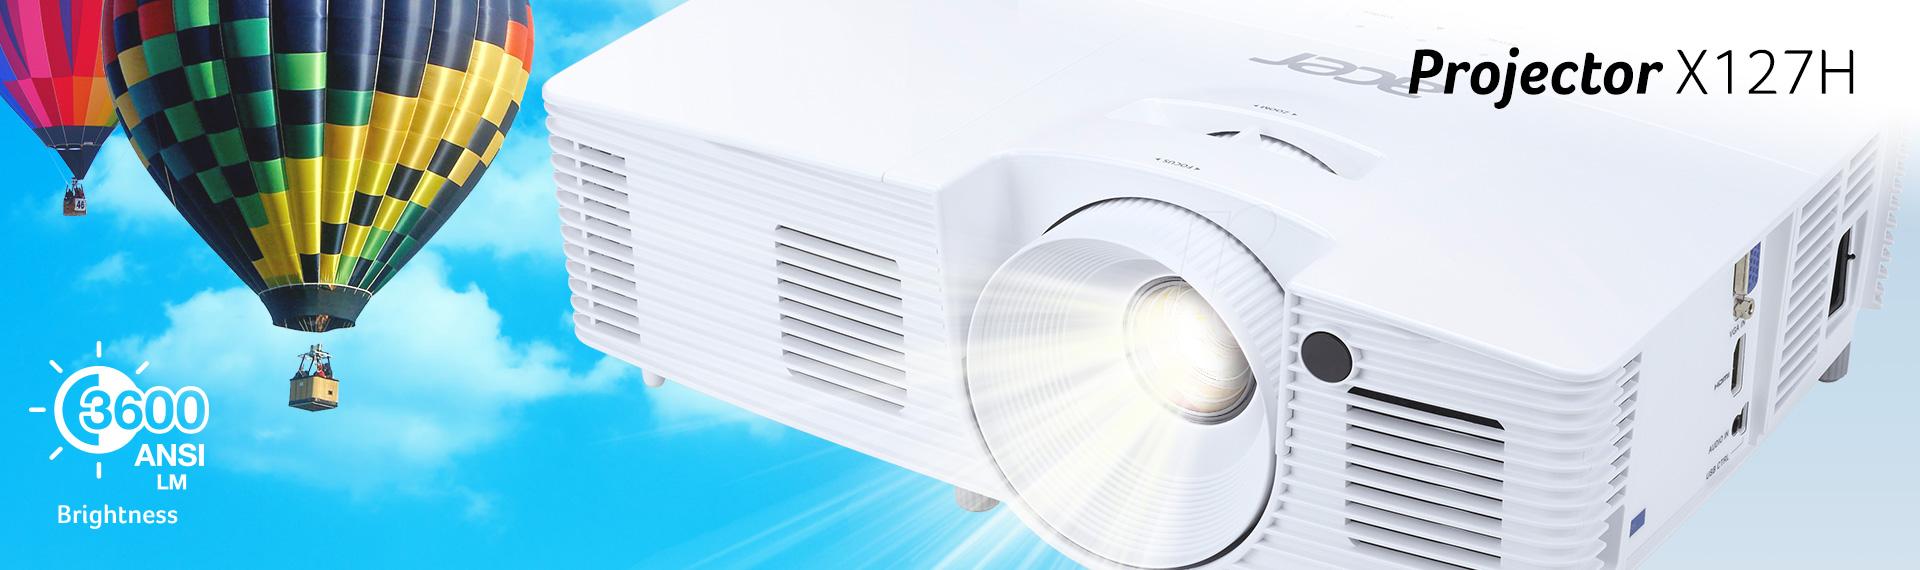 Acer X127H, Proyektor Berkualitas Gambar Tajam Penunjang Kerja dan Hiburan